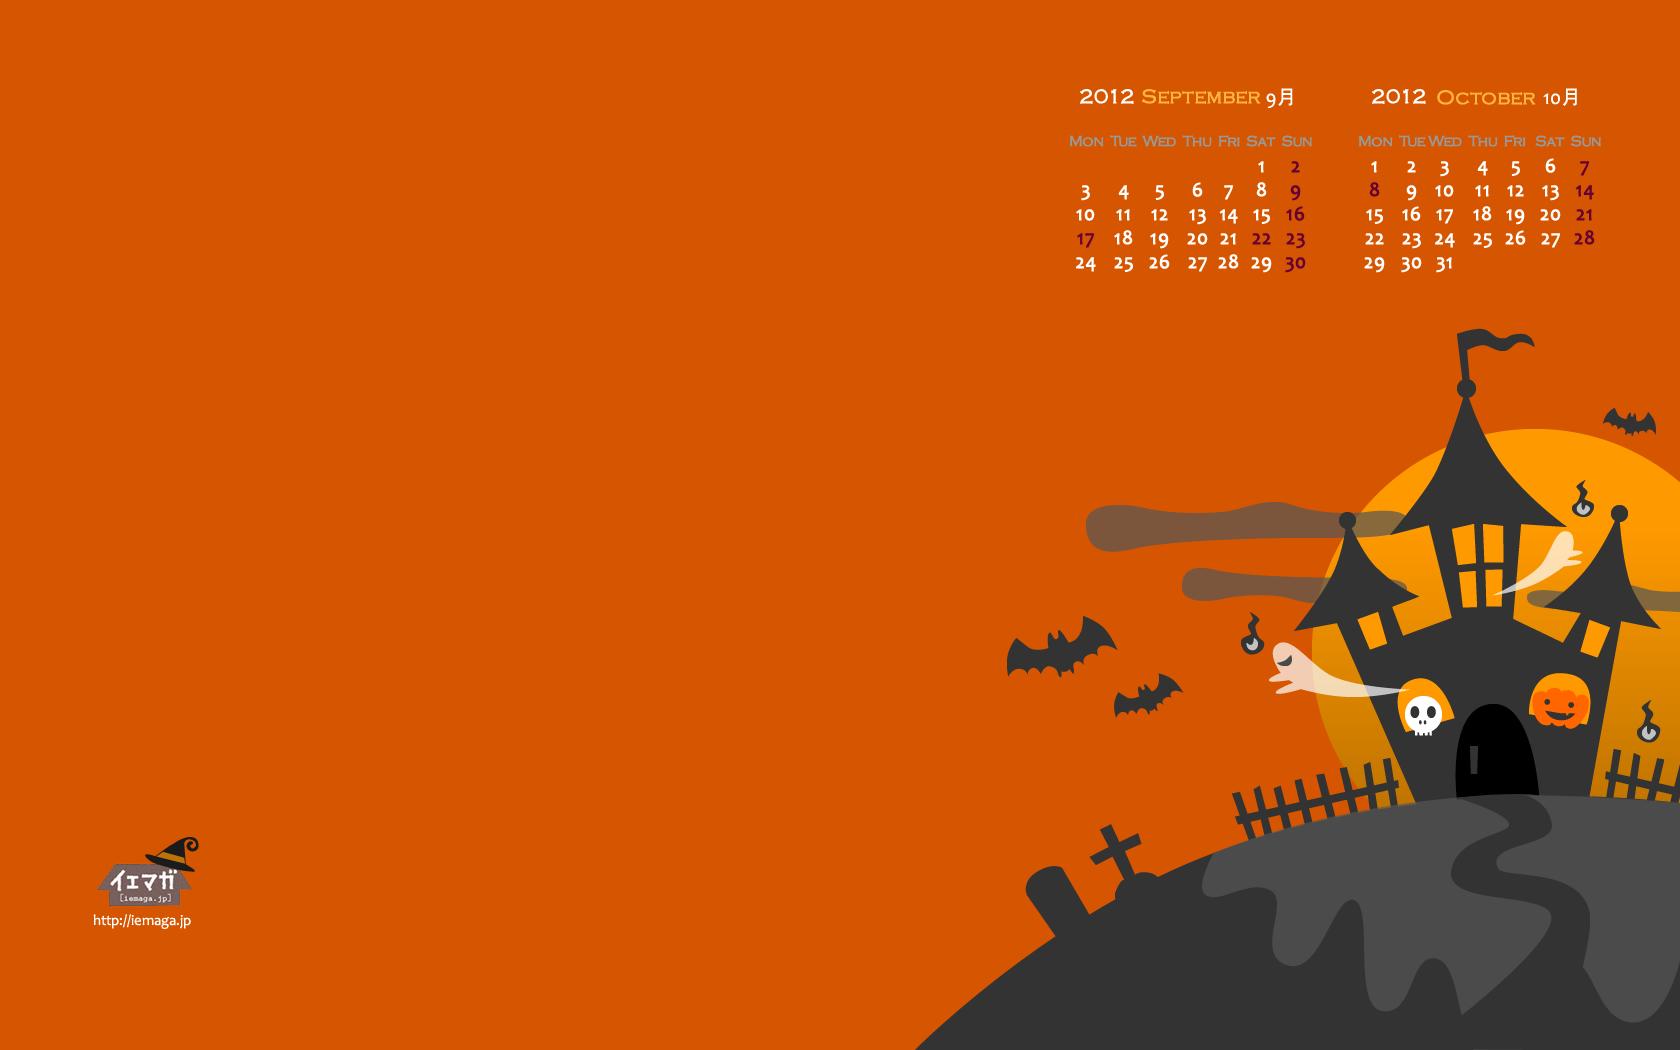 壁紙 カレンダー ダウンロード ハロウィン オレンジ 壁紙 カレンダー付き 12年9月 10月 1680 1050